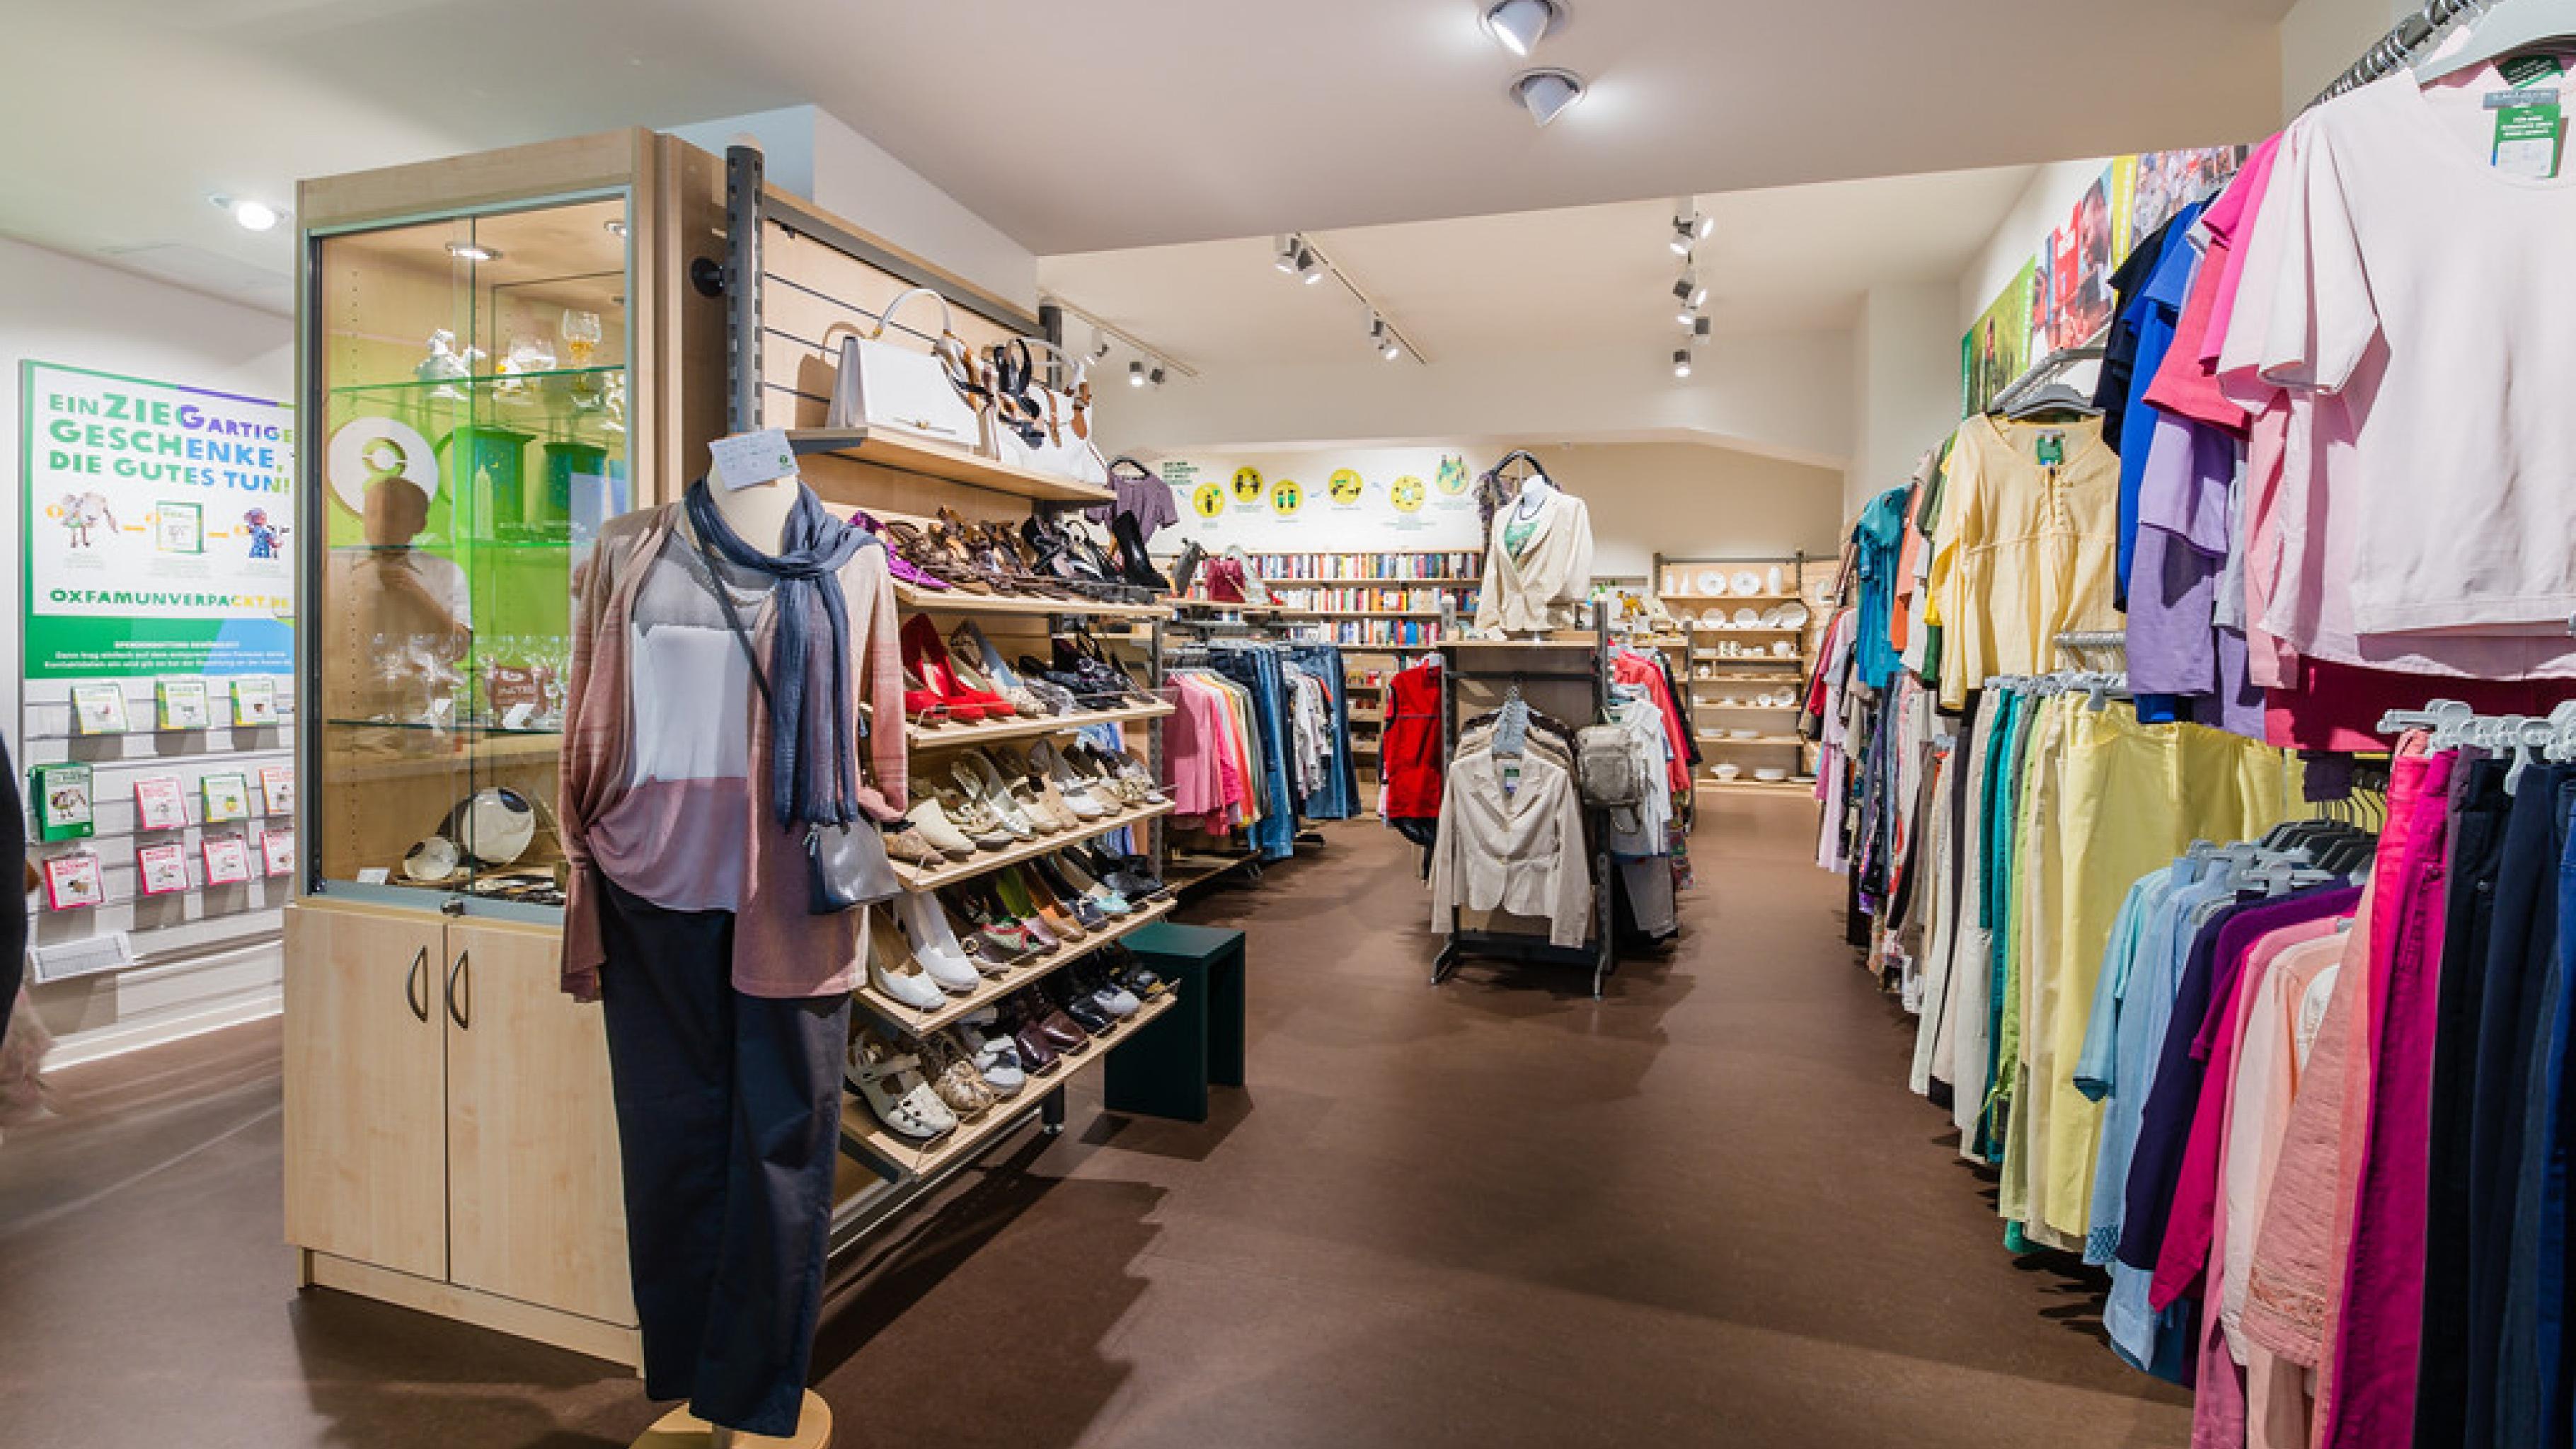 Oxfam Shop Frankfurt-Nordend - So sieht der Shop von innen aus